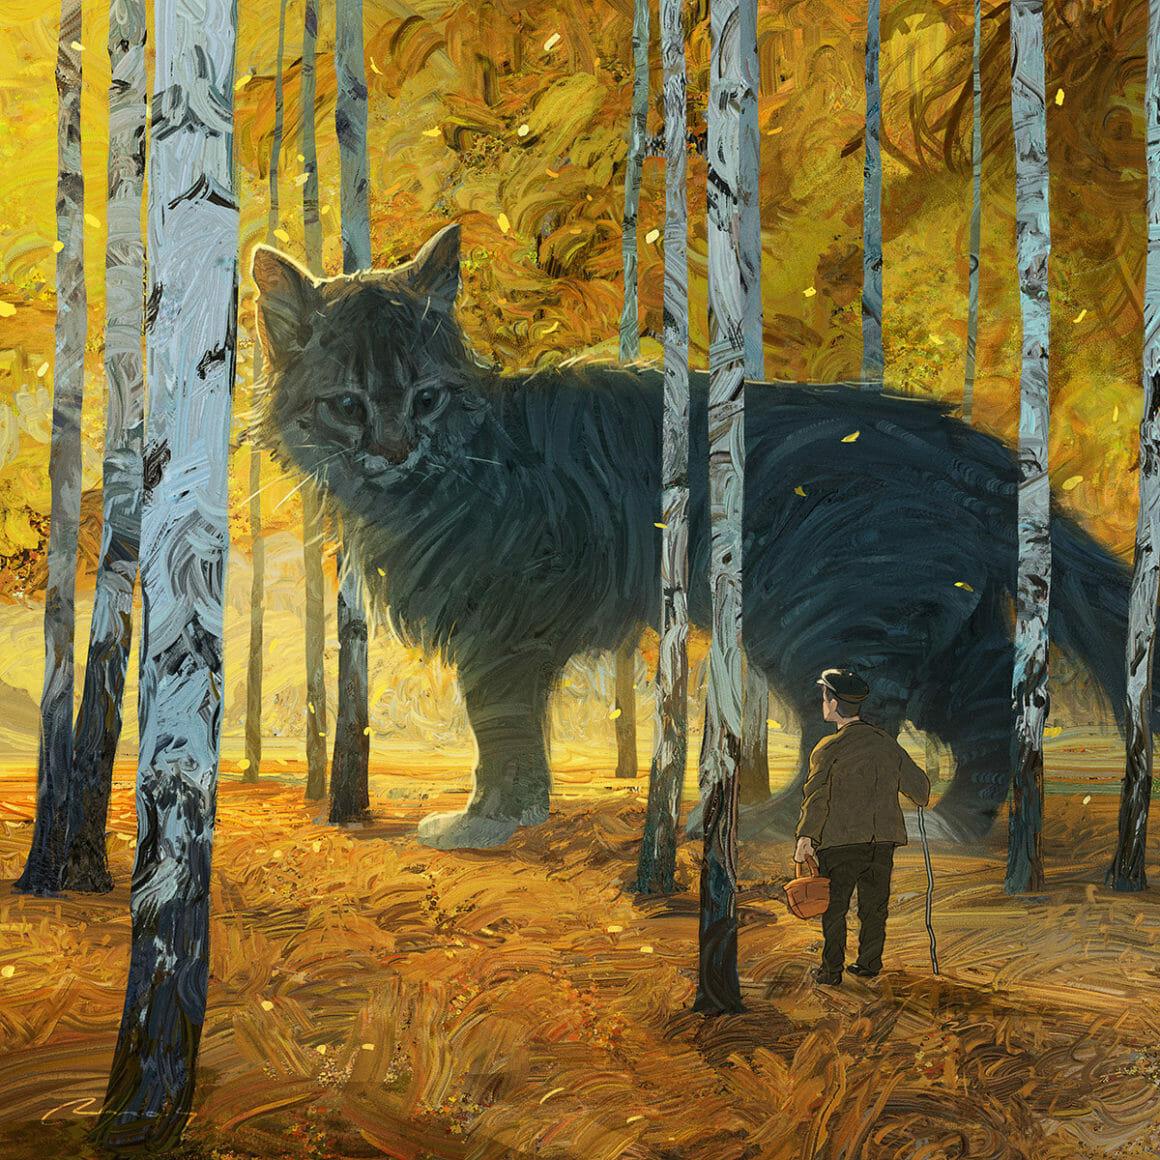 Chat géant face à un homme dans les bous